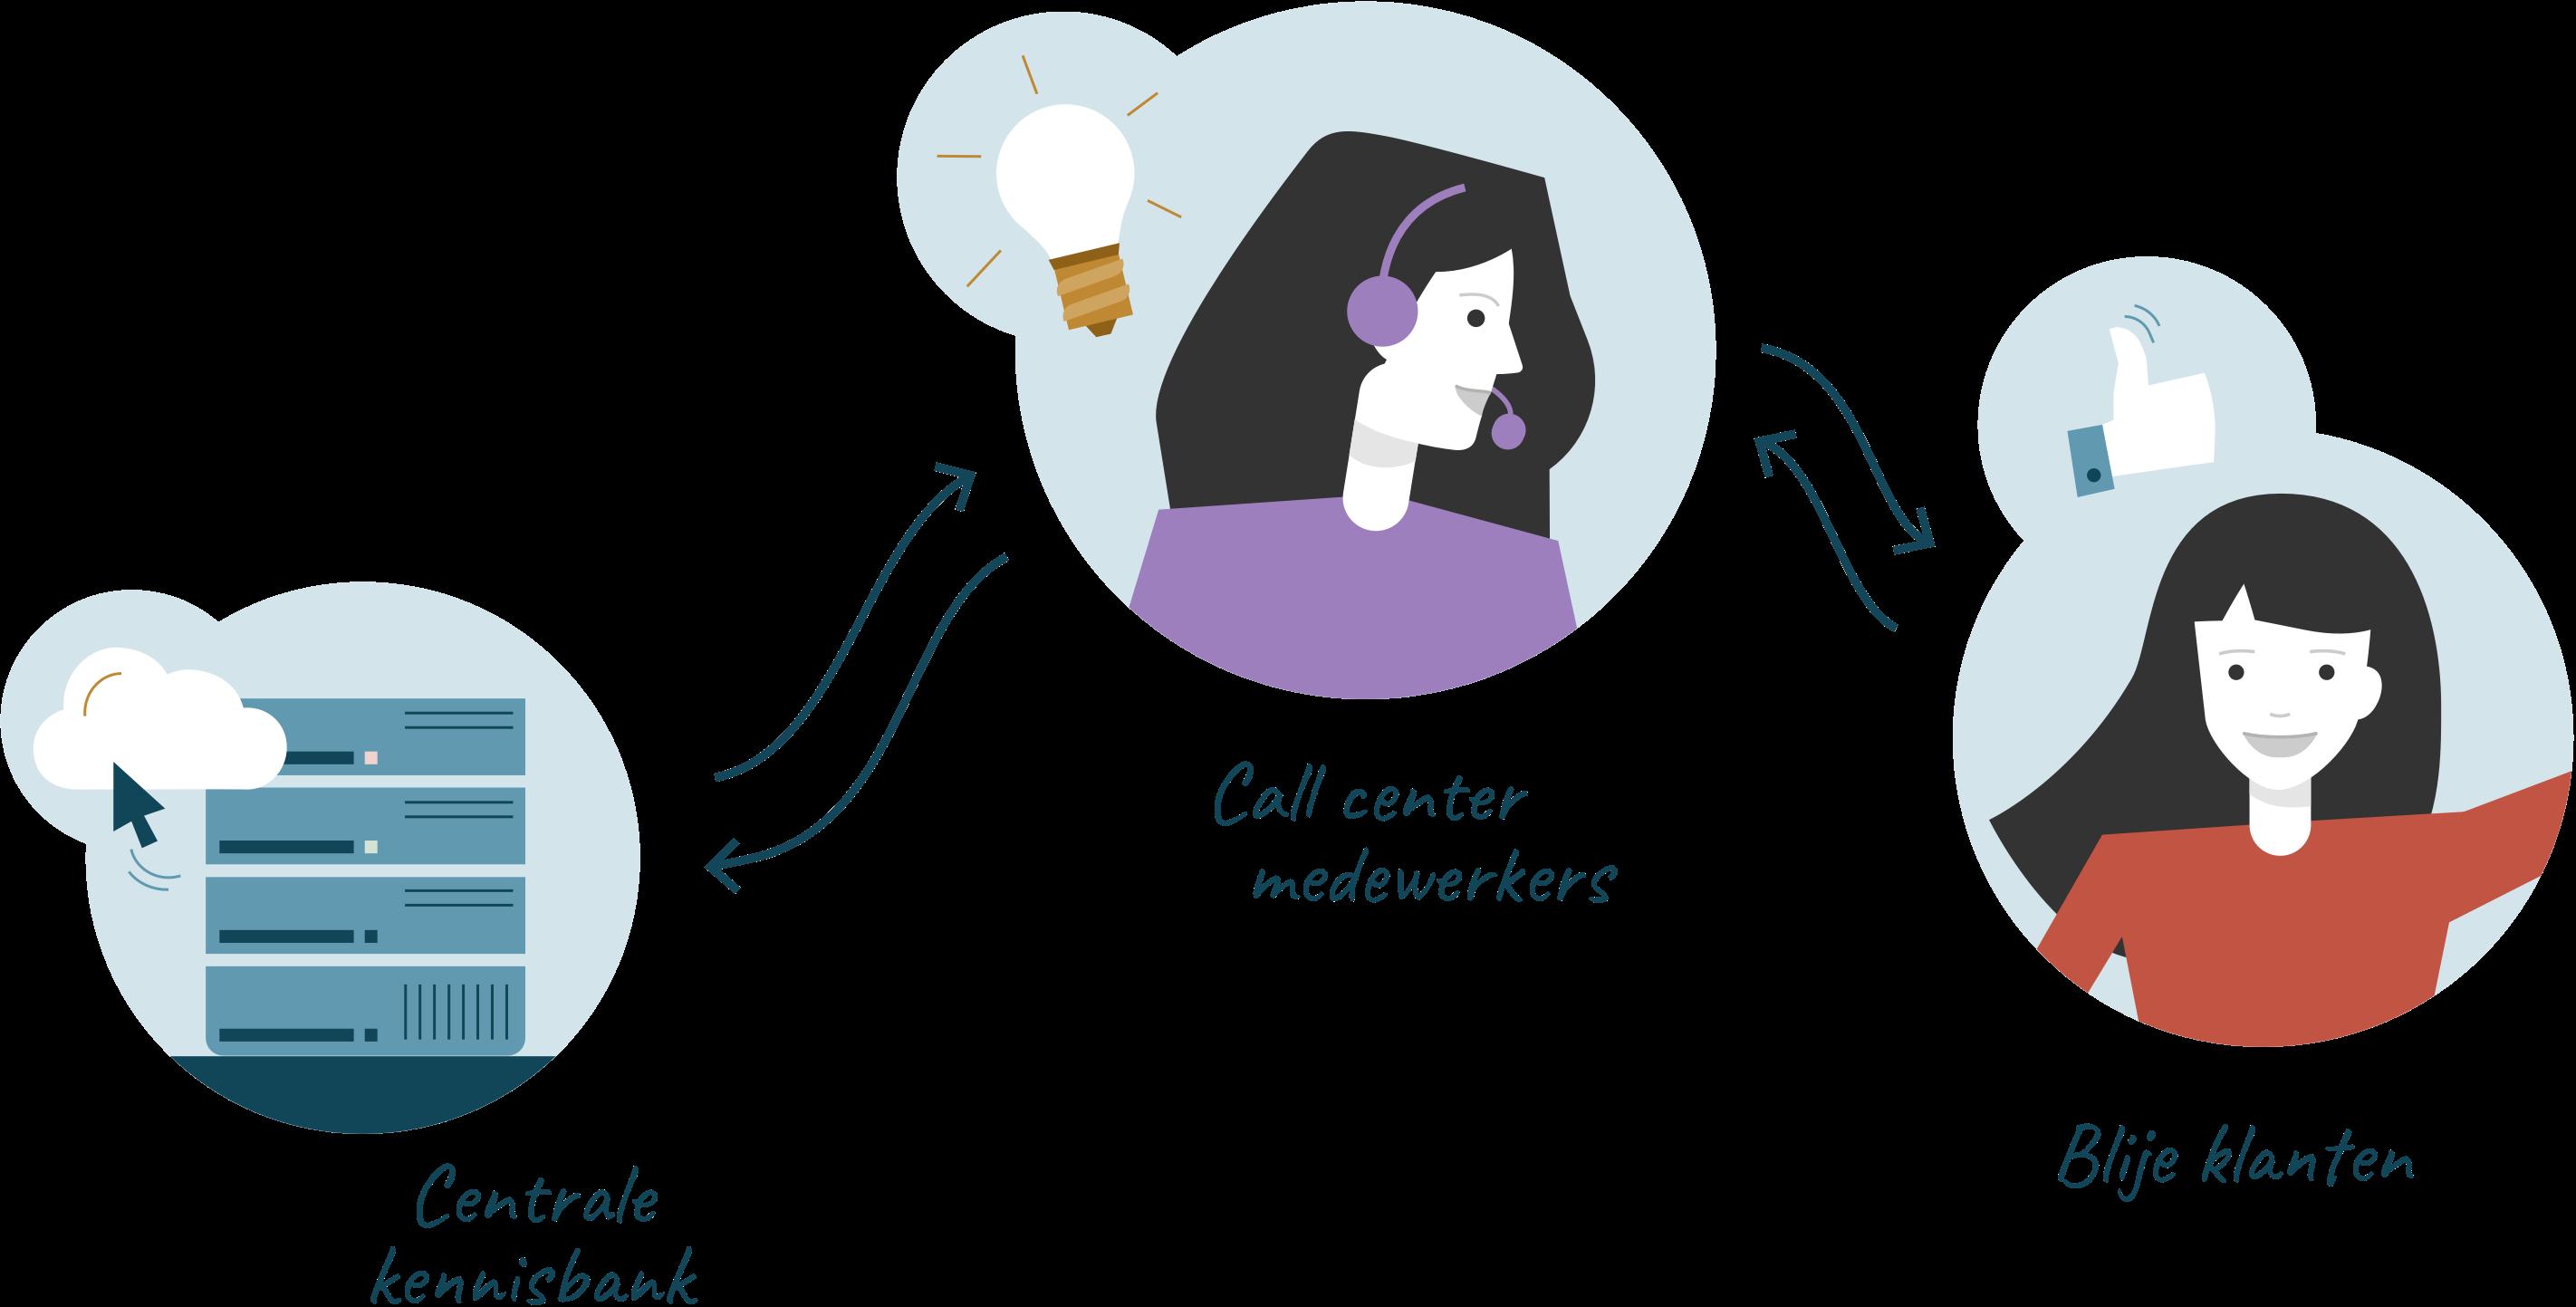 Een illustratie van een kennisbank, een medewerkster van het call center, en een tevreden klant